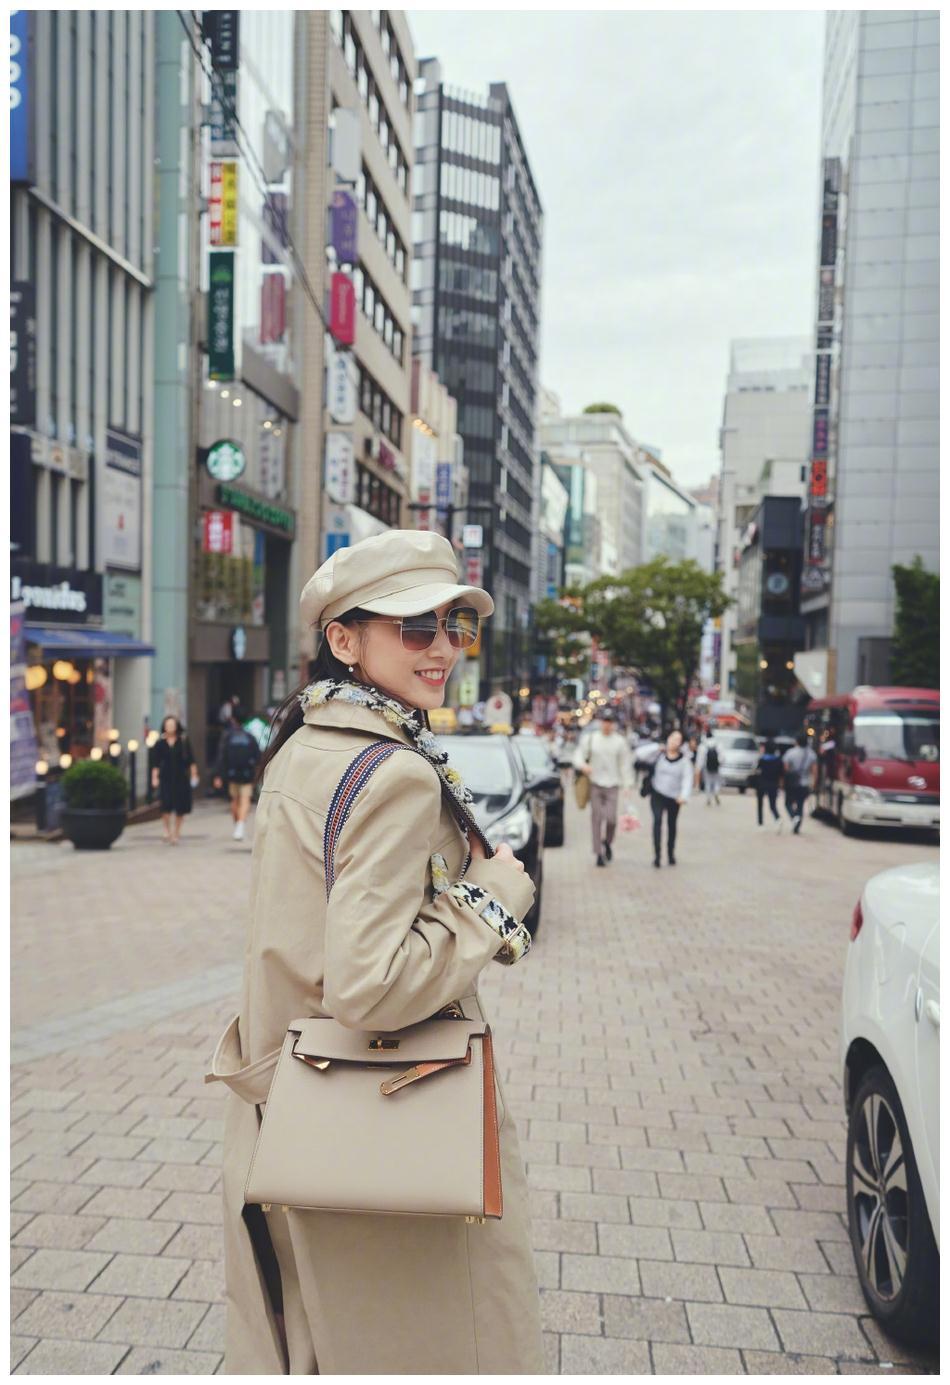 辣妈黄圣依衣着时尚逛闹市 风衣衬出好身材